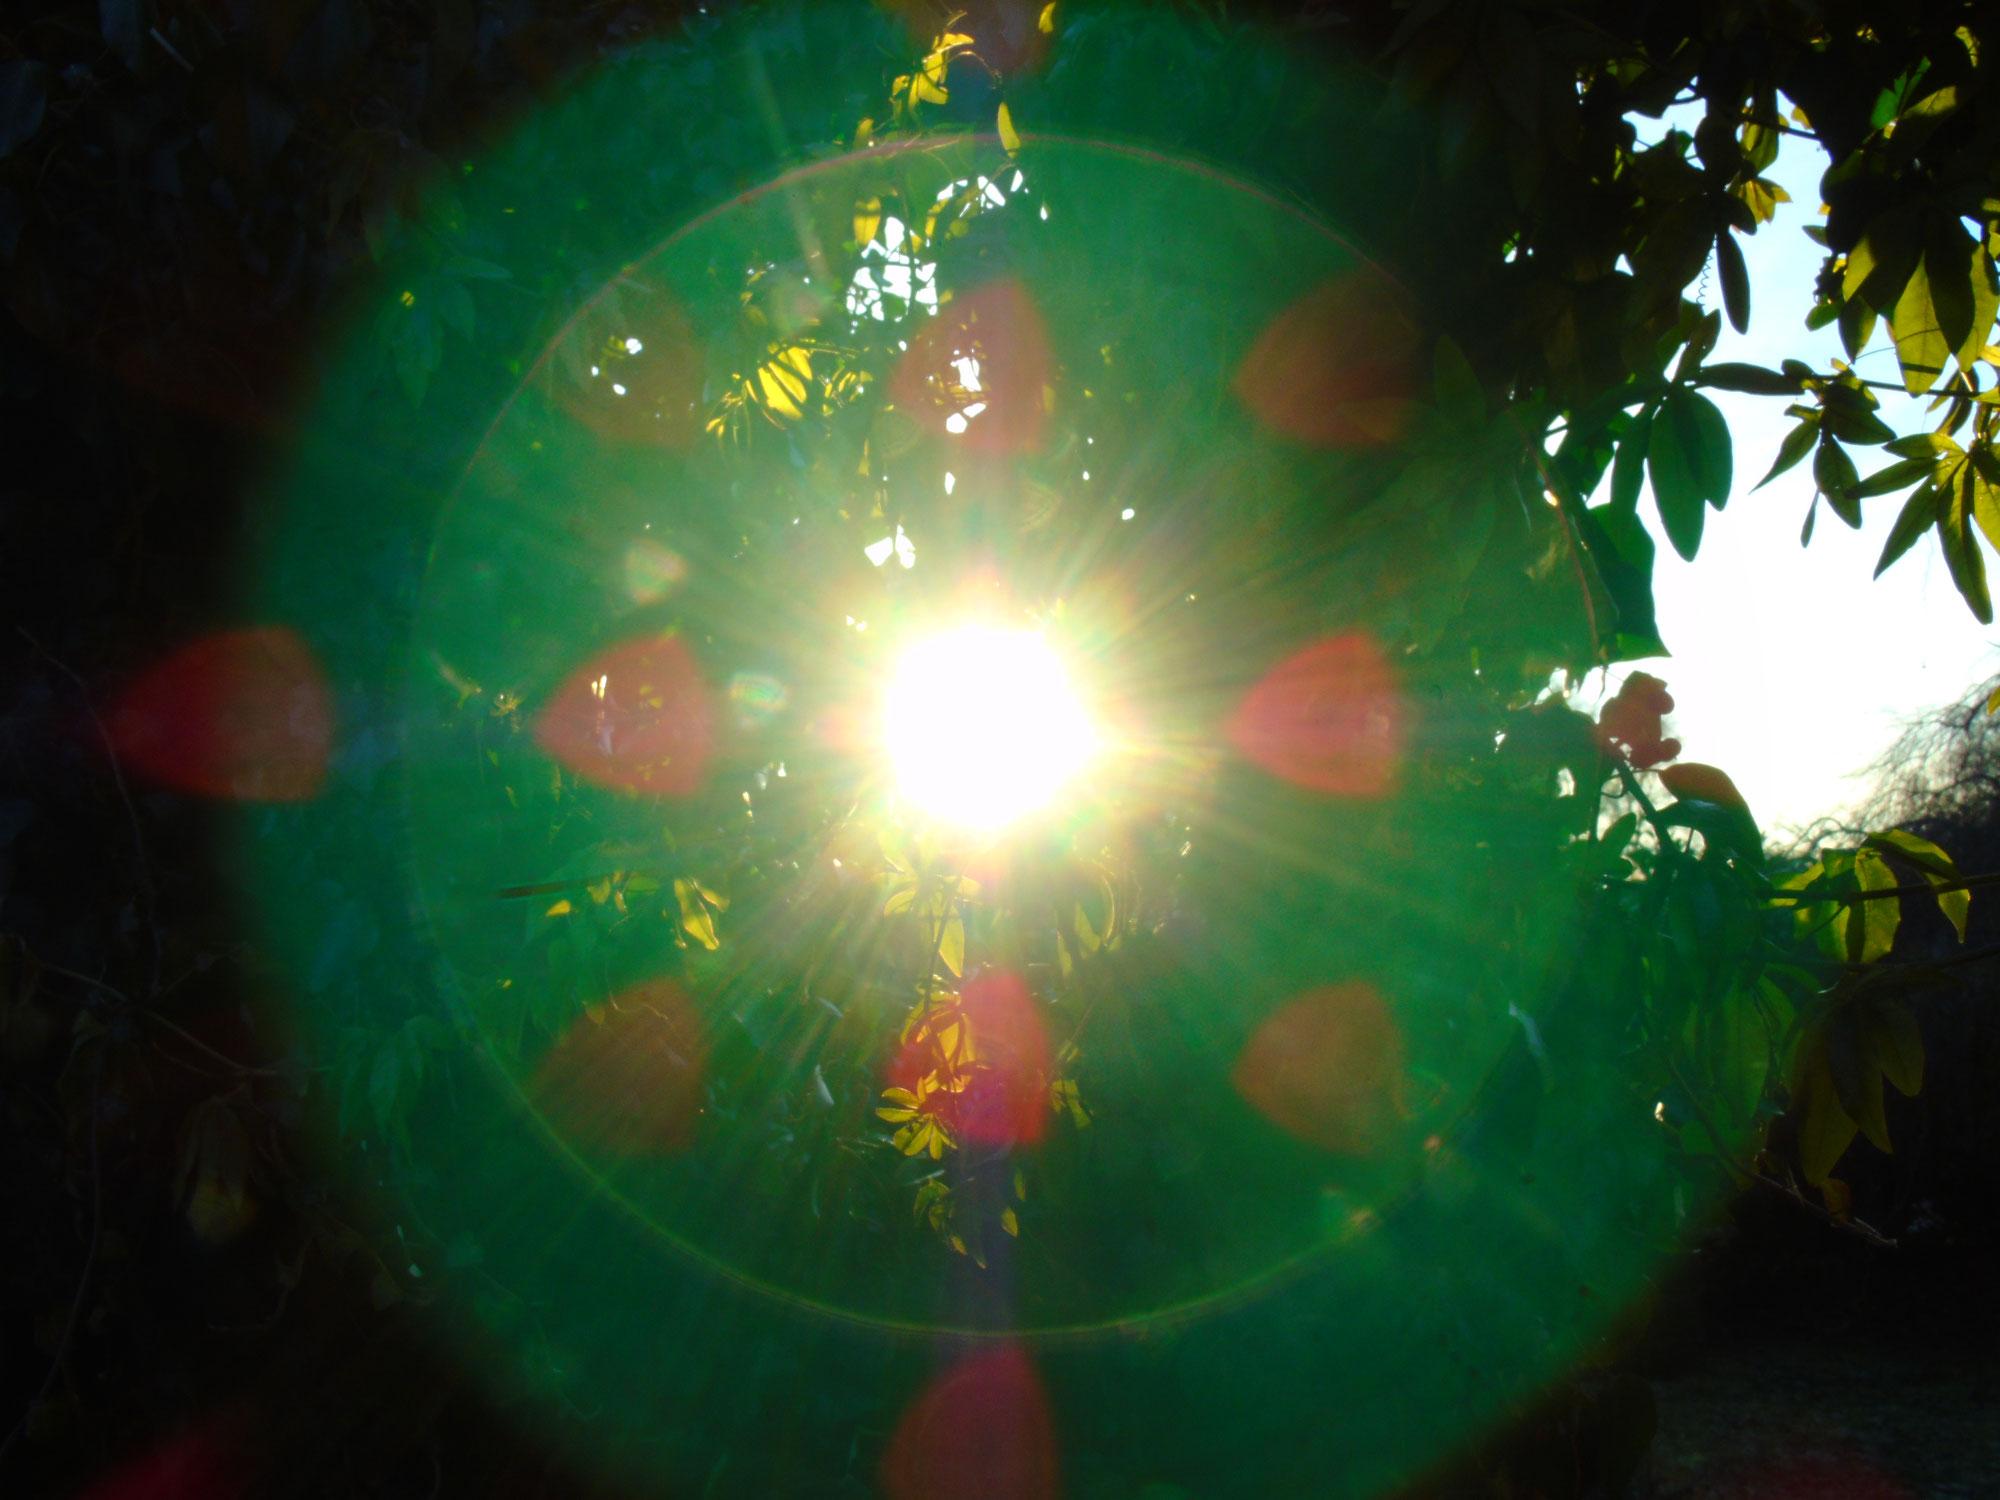 LICHTWESENFOTOGRAFIE: Dein Diamant darf sich entfalten - oder:  Volle Leucht-Kraft voraus!